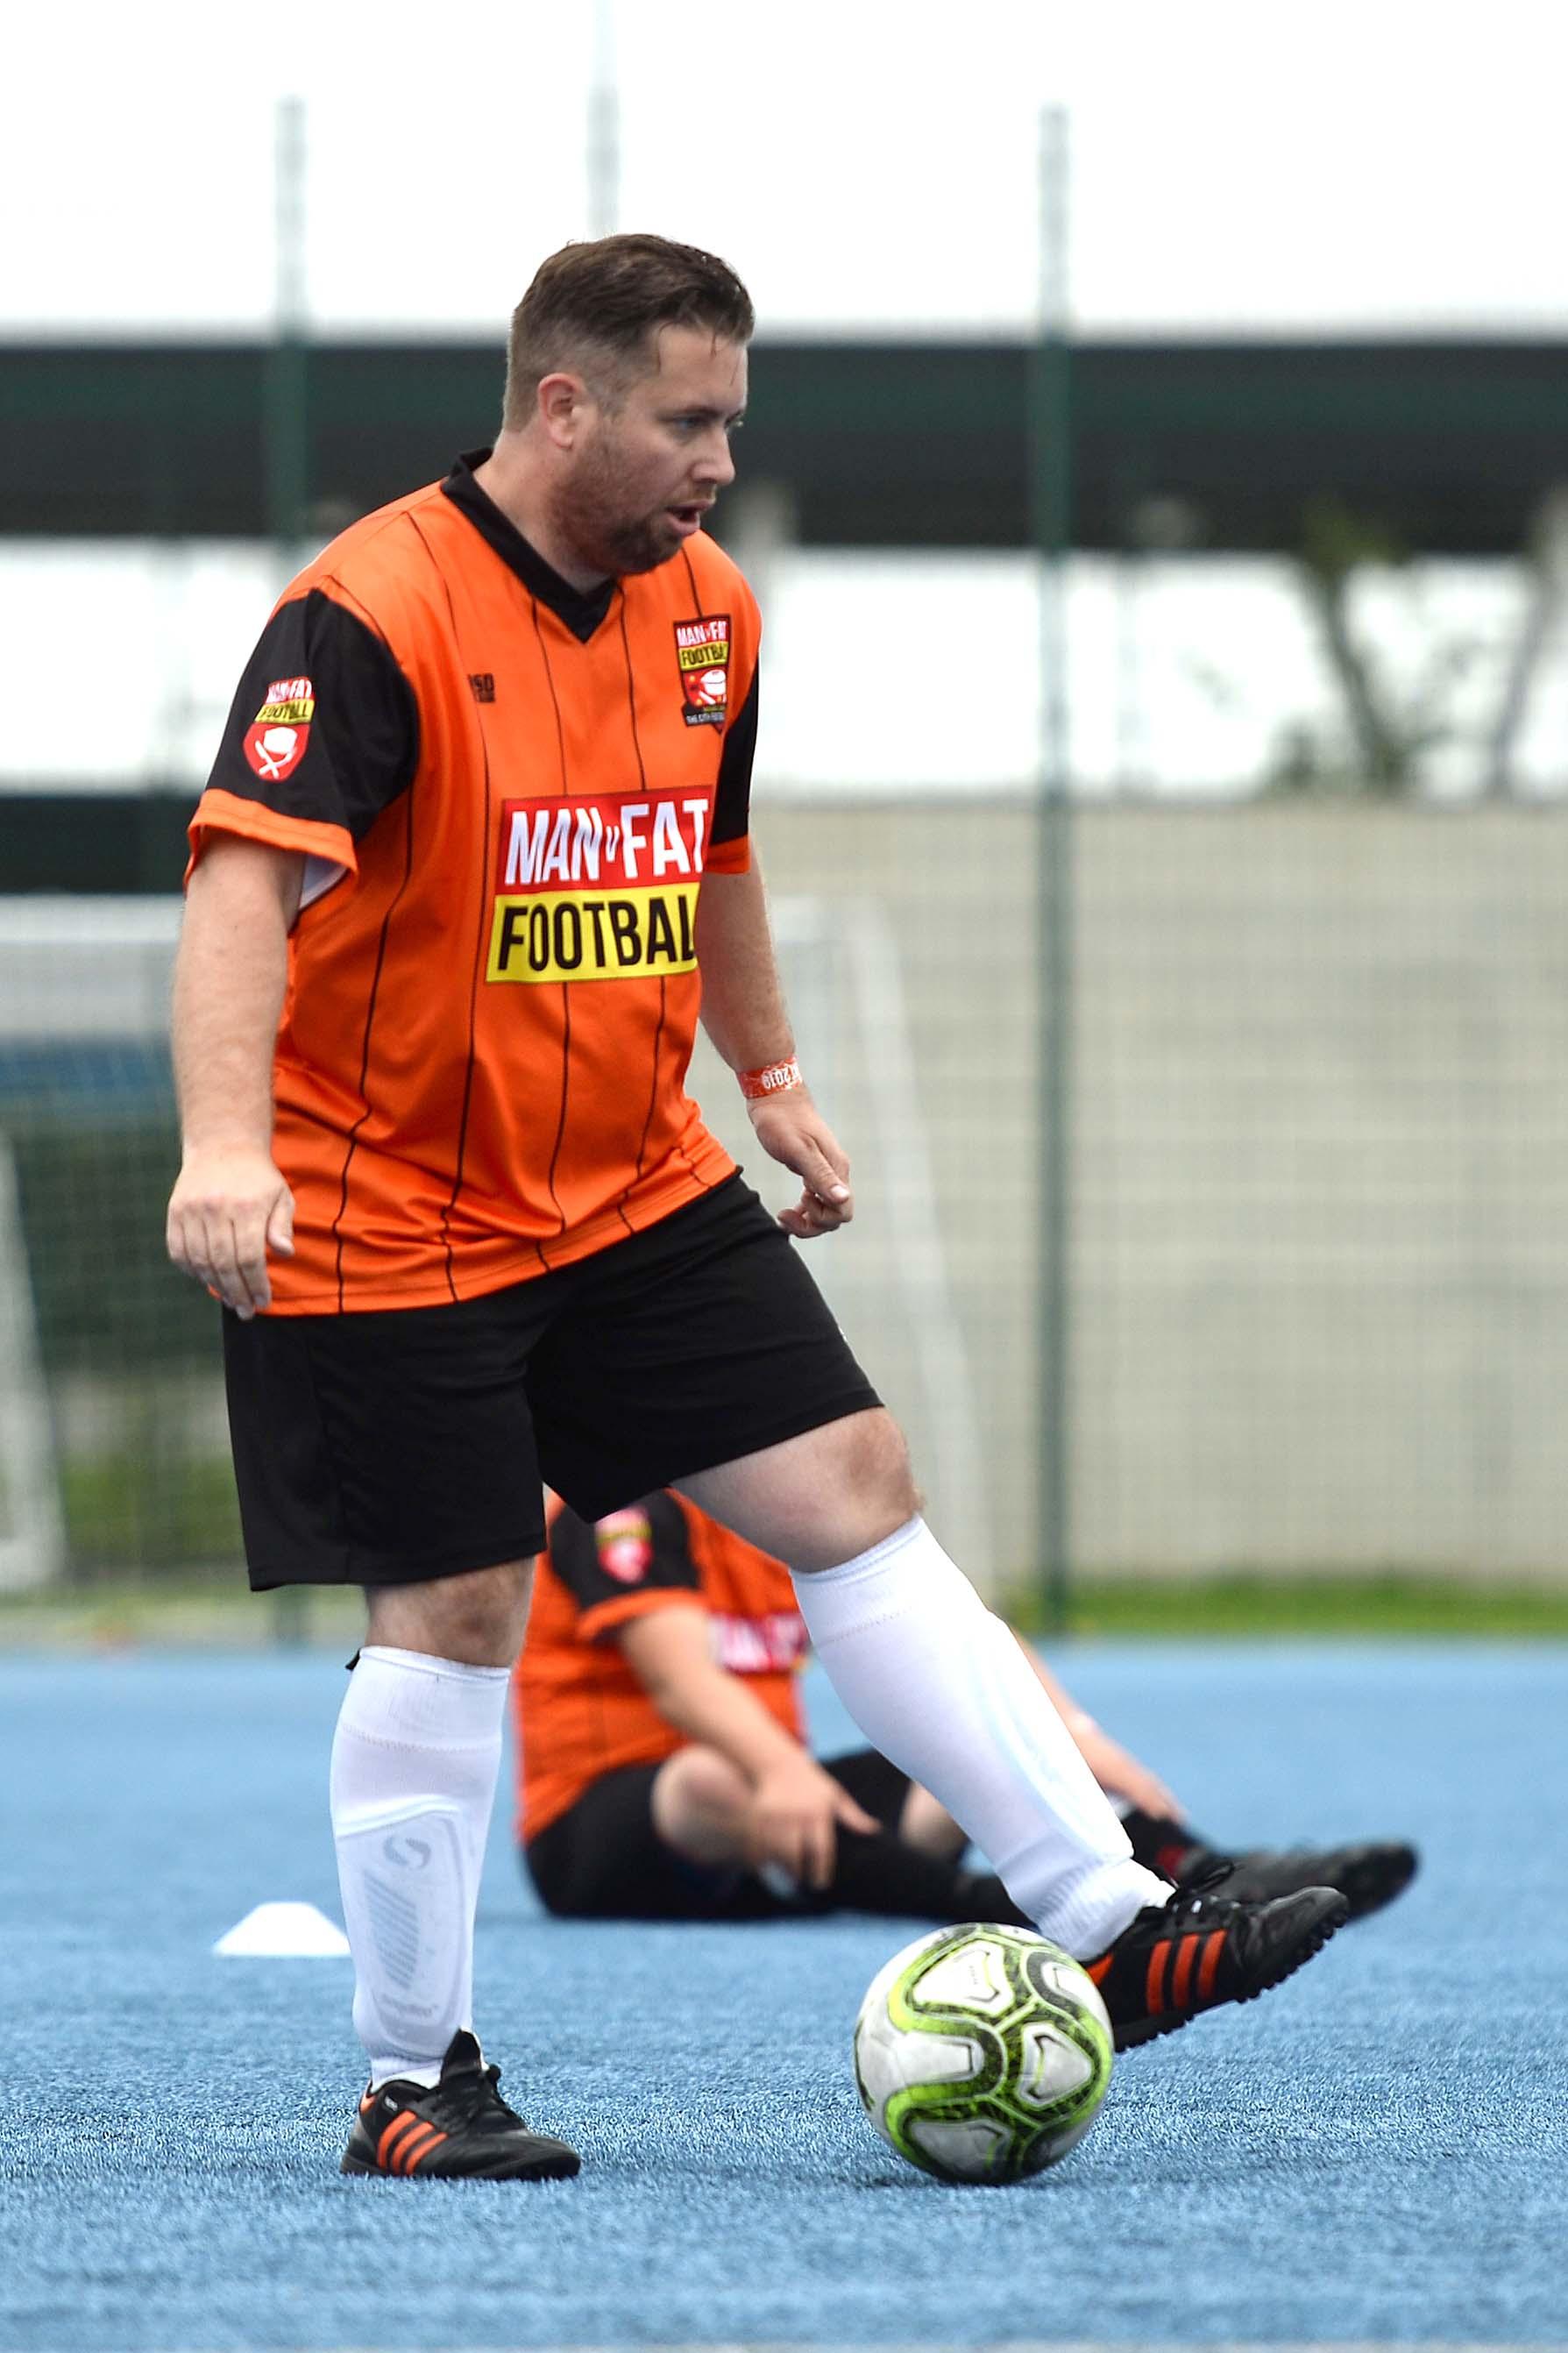 MANvFAT Footballer on the ball